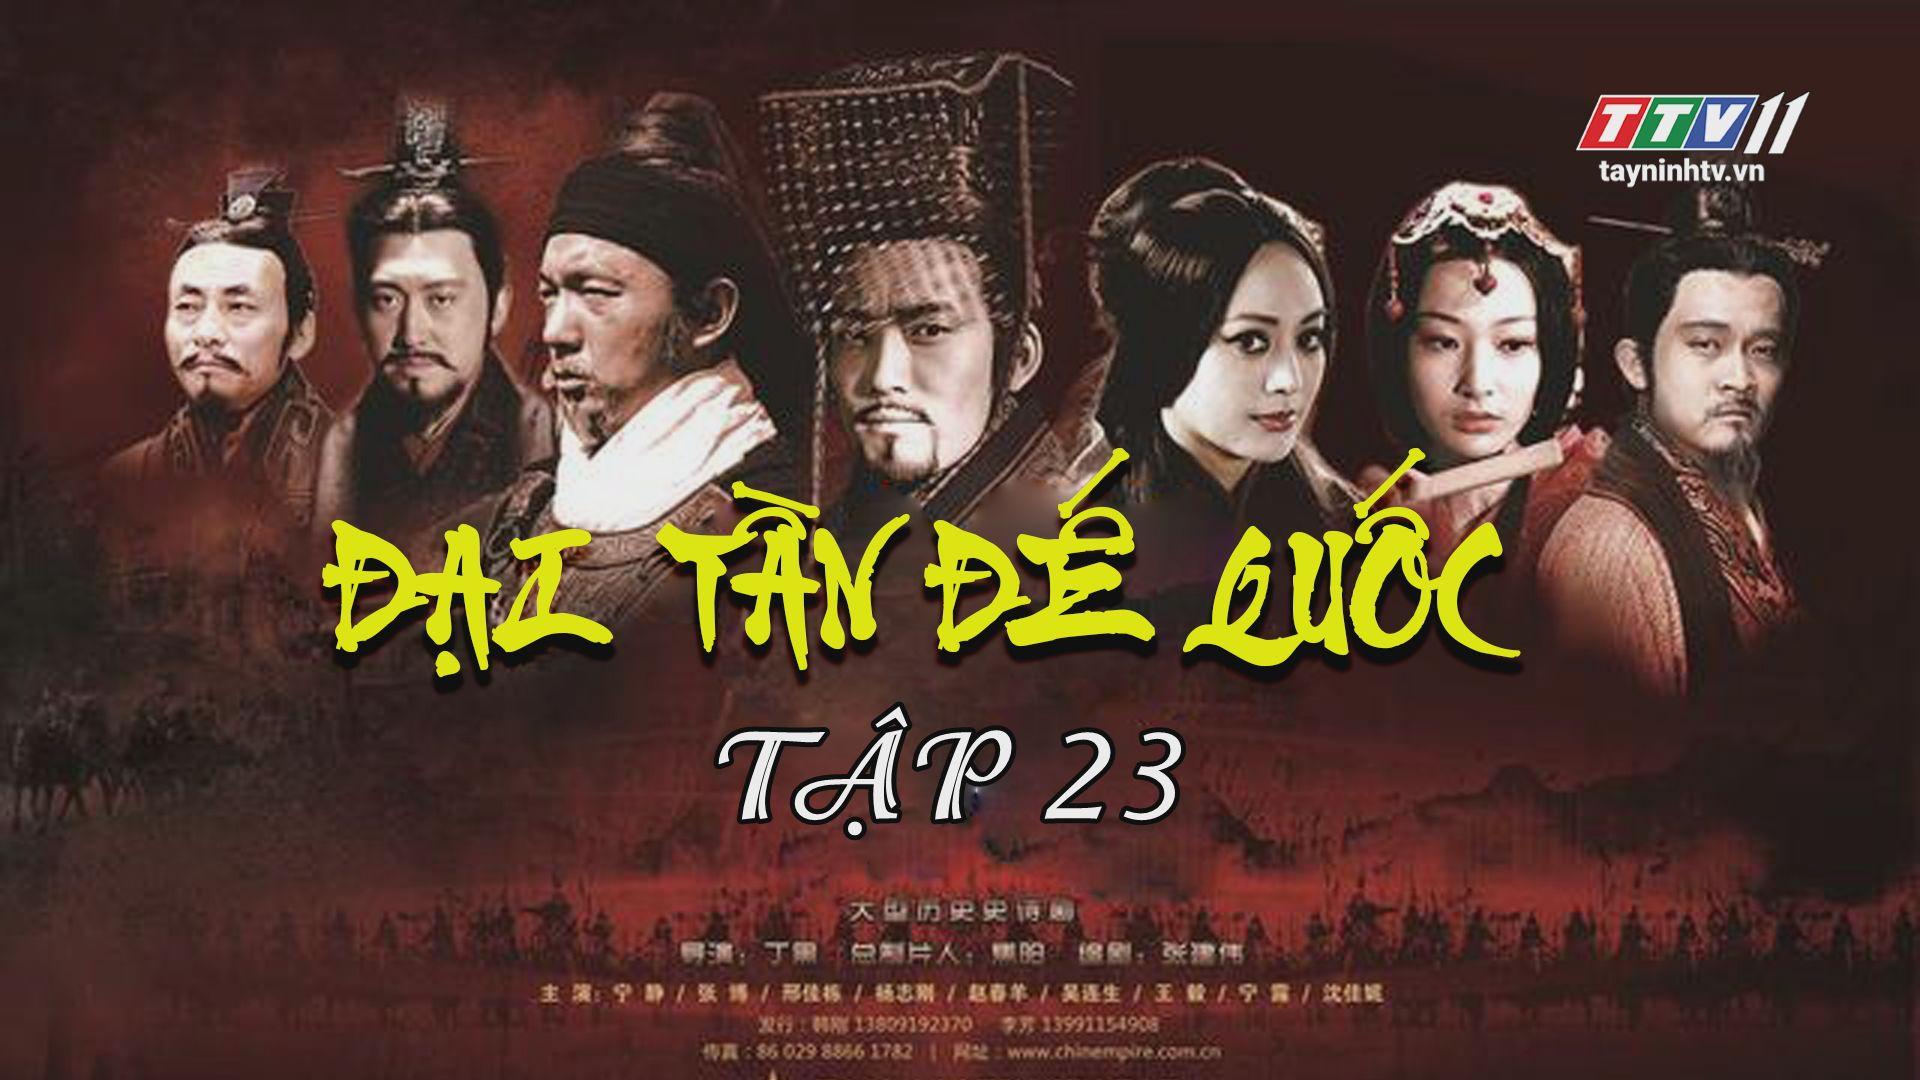 Tập 23 | ĐẠI TẦN ĐẾ QUỐC - Phần 3 | TayNinhTV